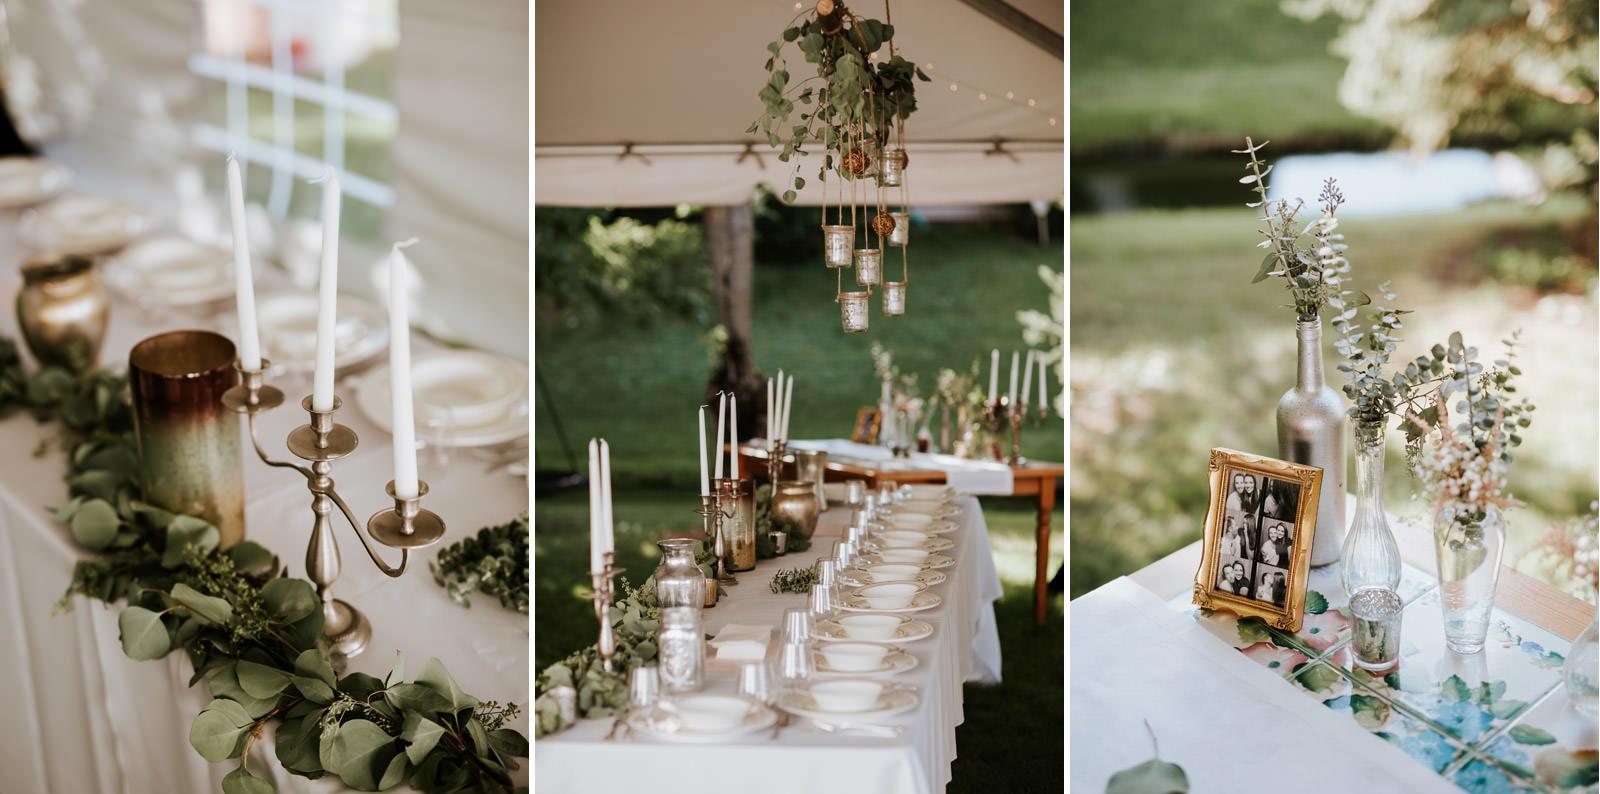 Garden Wedding Decoration Inspiration Pictures